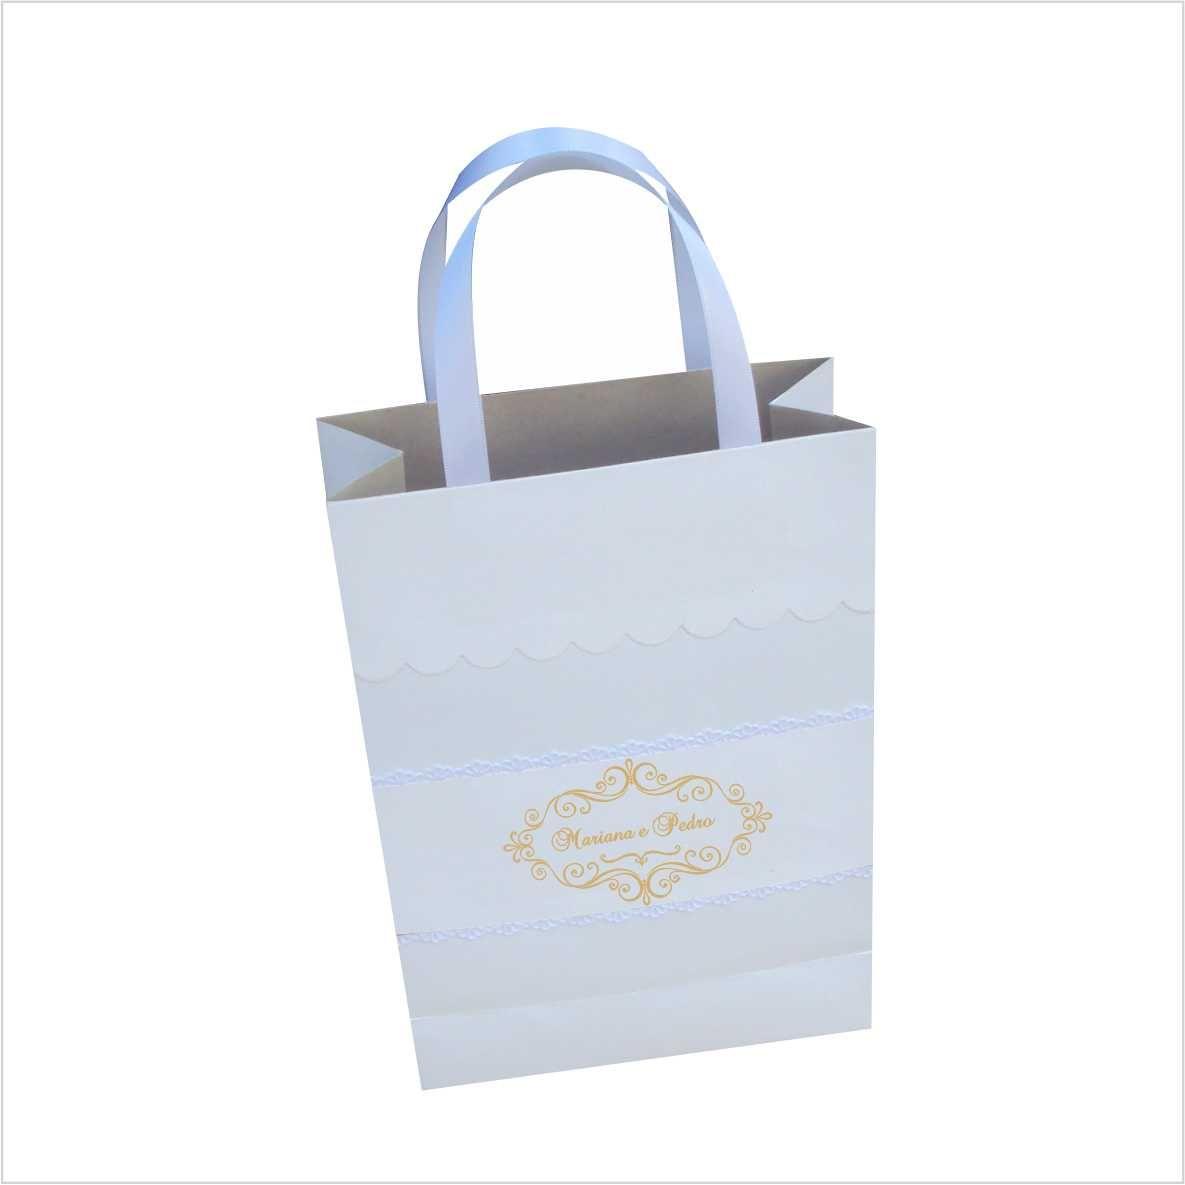 Sacola branca com personalização metalizada e alça de cetim (22x27x8 cm) 10 unidades